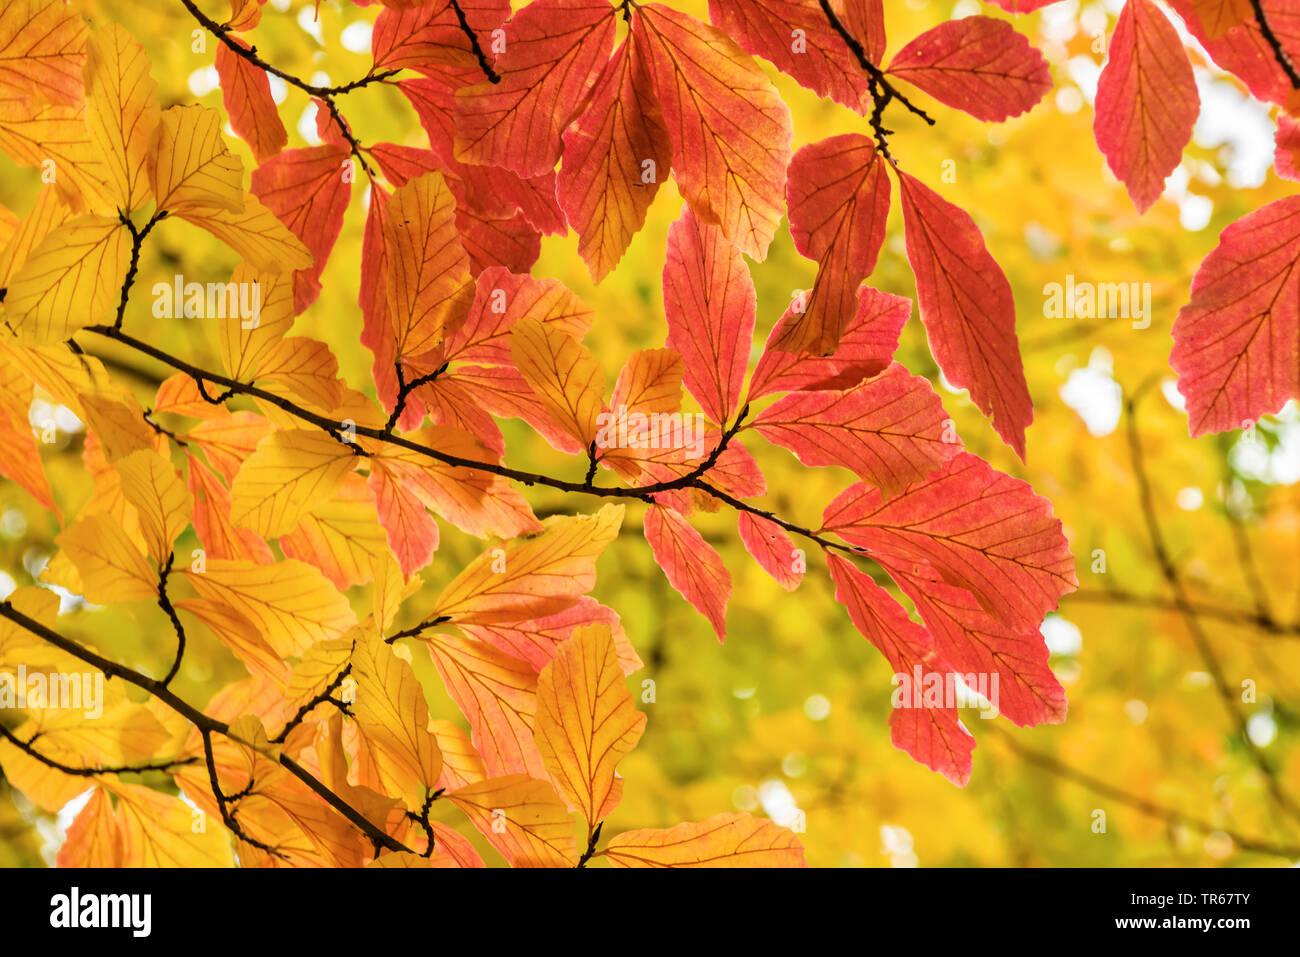 Eisenholzbaum, Eisenholz-Baum, Eisenholz, Parrotie (Parrotia persica), Zweig mit Herbstblaettern   Ironwood, parrotia (Parrotia persica), branch with - Stock Image